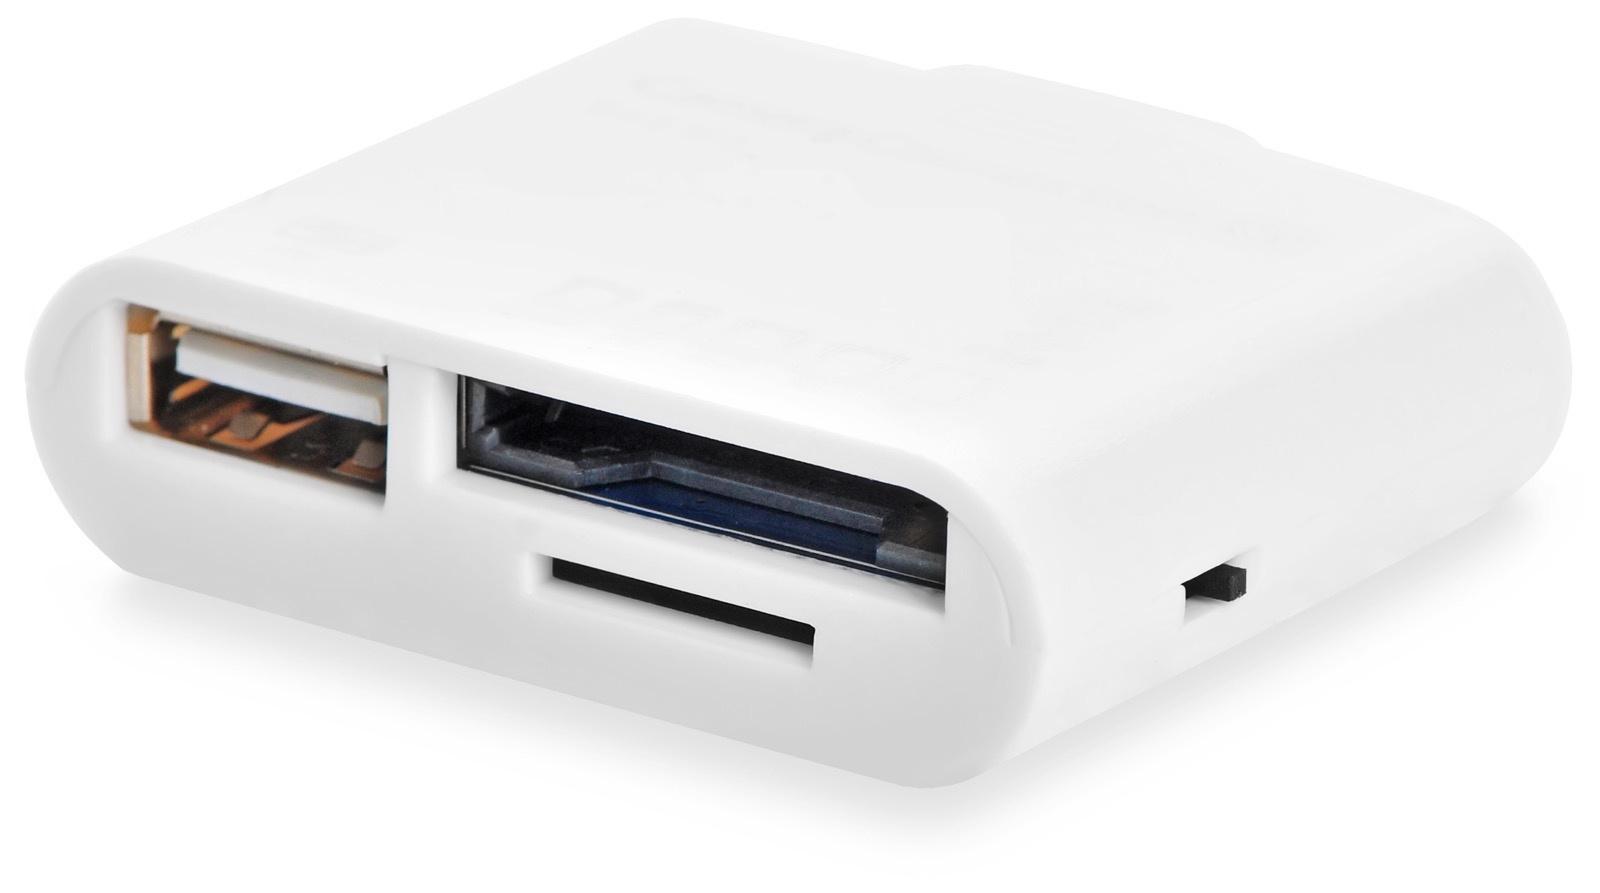 Адаптер переходник Gurdini Camera Connection Kit For iPad 5в1,110049,белый программа видеозаписи с веб камеры